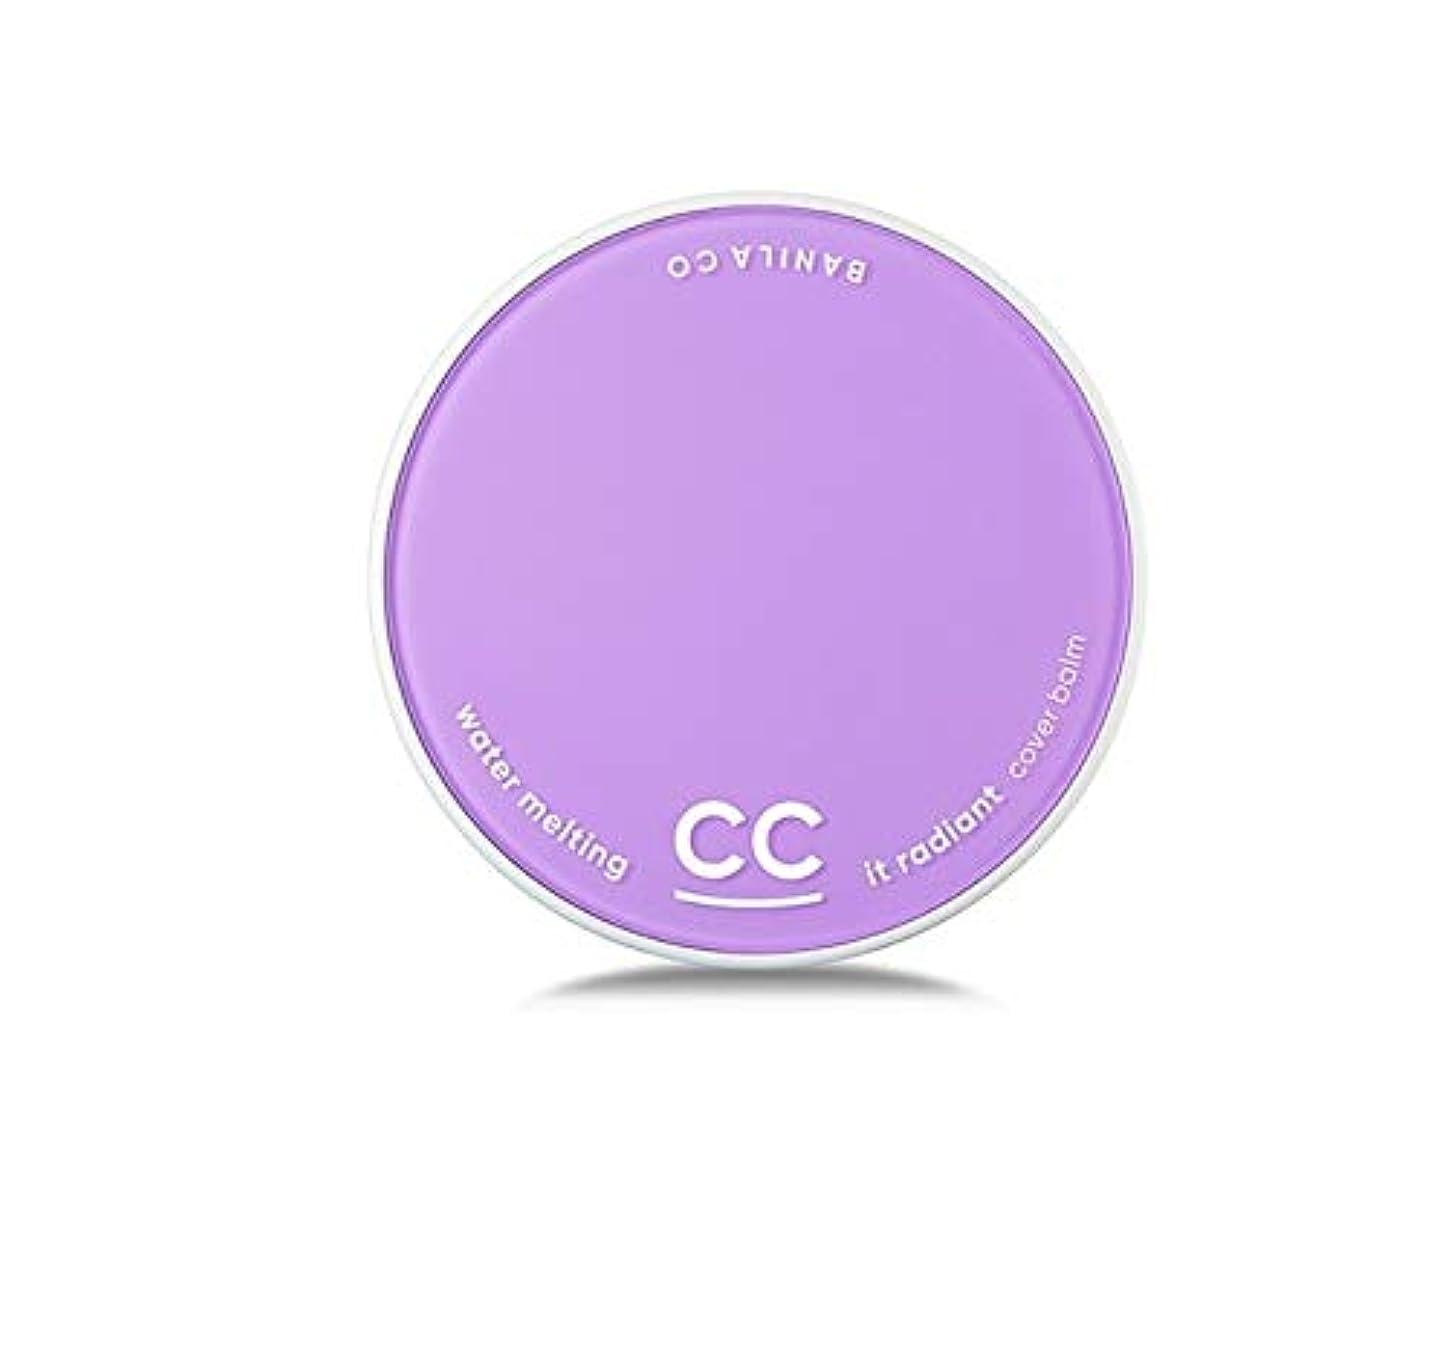 組立鑑定アトラスbanilaco イットラディアントCCエッセンスカバーバーム/It Radiant CC Essence Cover Balm 15g # Light Beige [並行輸入品]